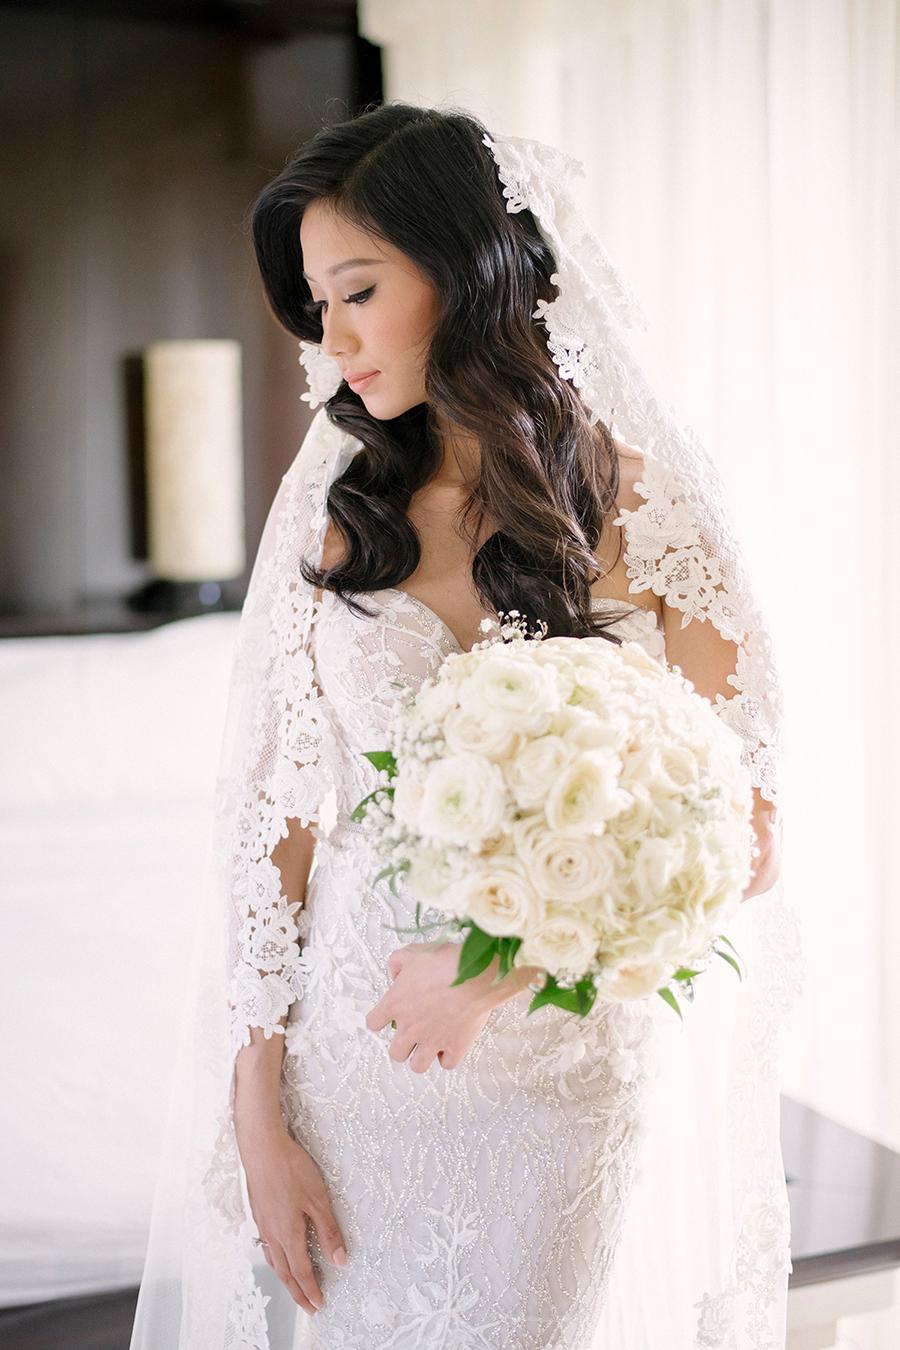 Wunderbar Bali Wedding Dress Ideen - Hochzeit Kleid Stile Ideen ...